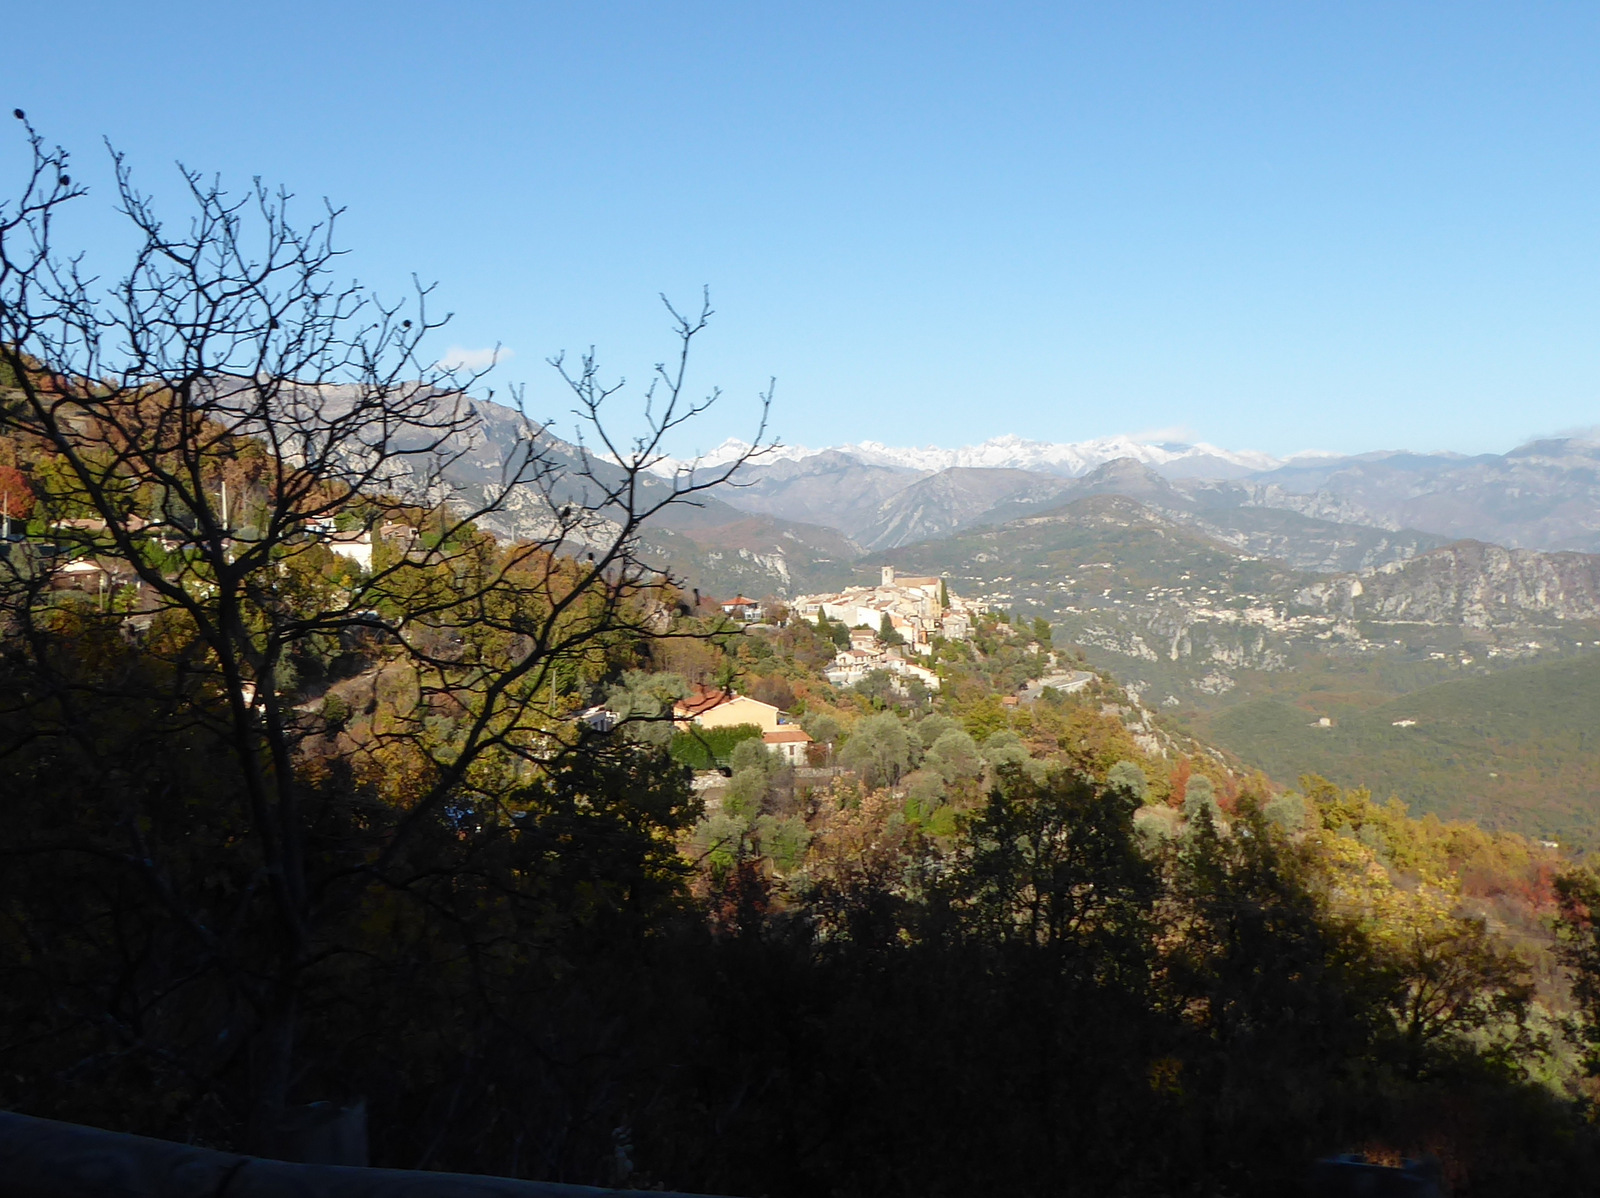 village de Bouyon et Mercantour enneigé